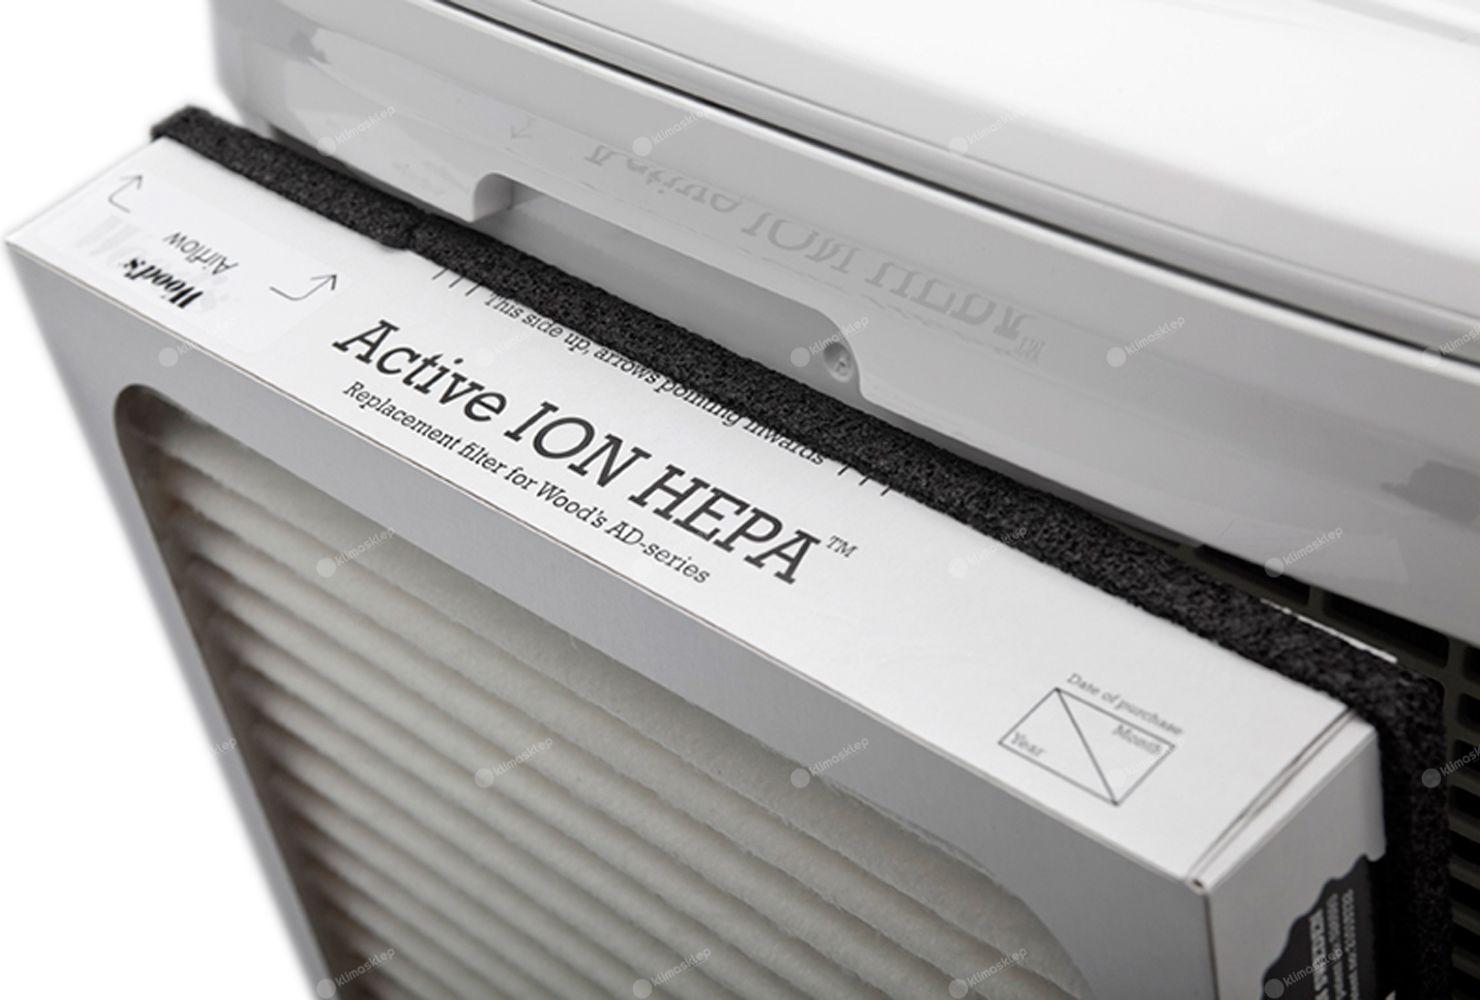 Wood's AD20G Hybrid oczyszcza powietrze za pomocą aktywnego filtra Active Ion HEPA